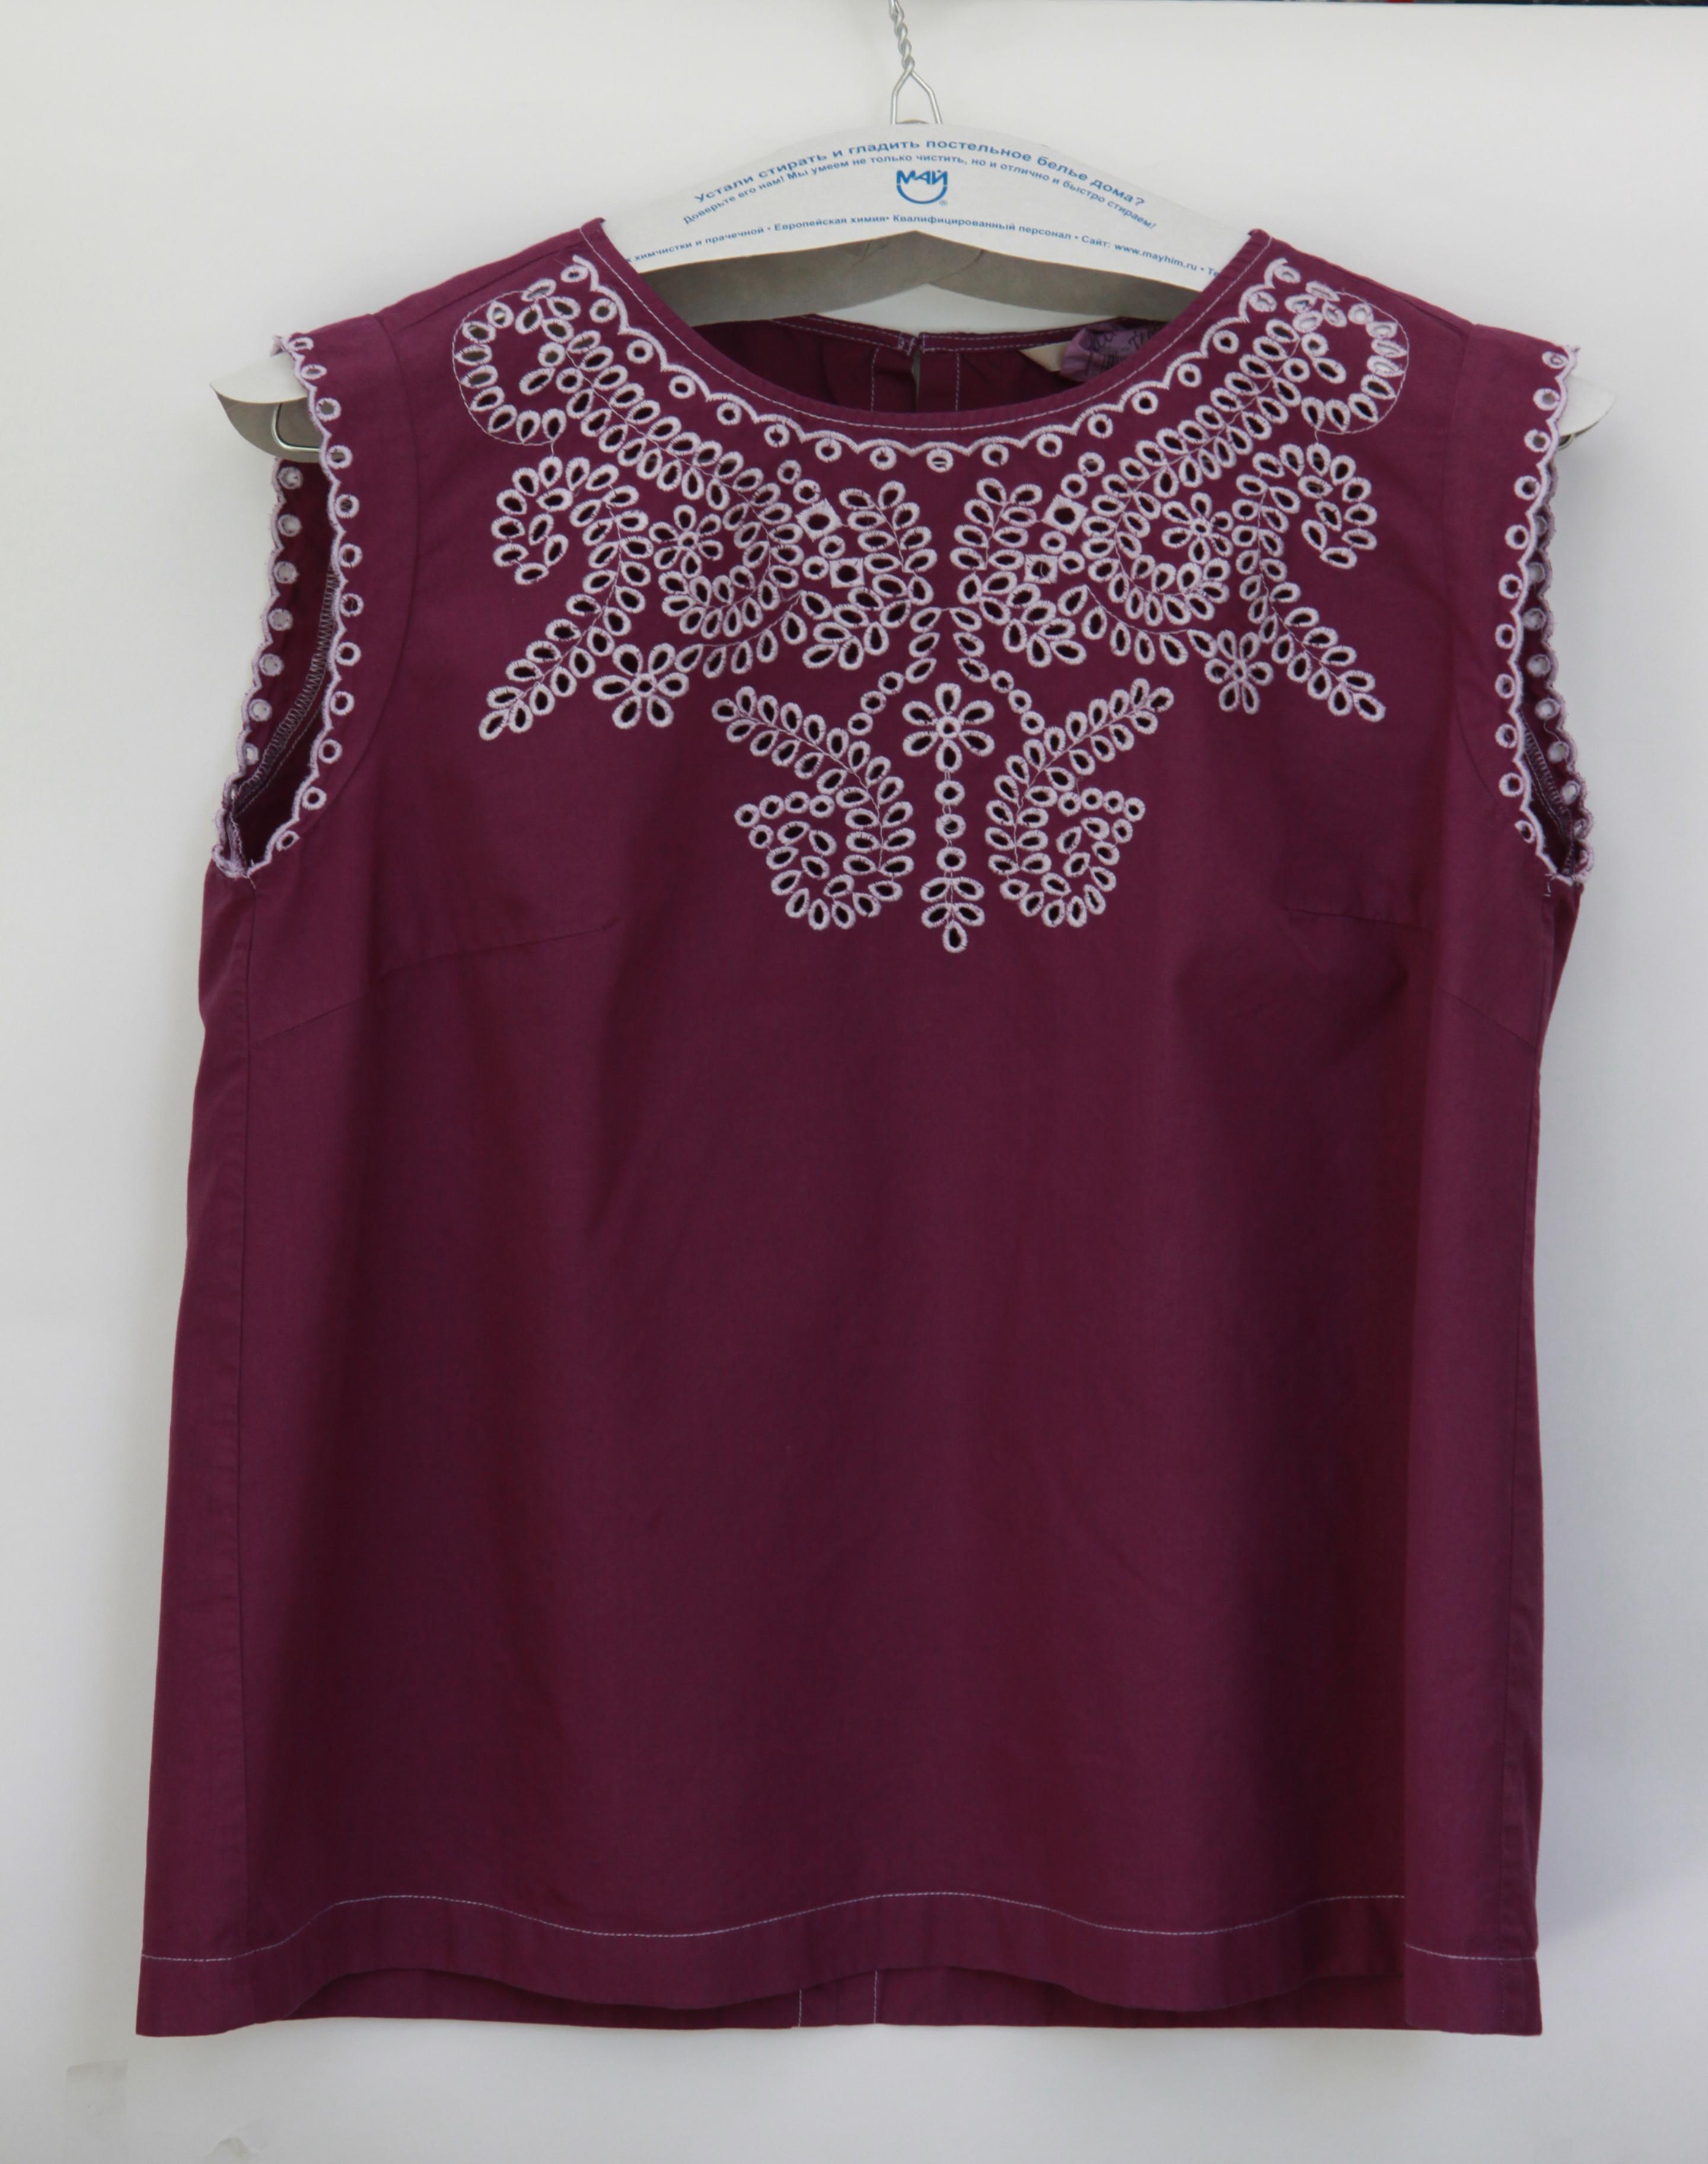 After-Окраска хлопковой блузки в фиолетовый цвет